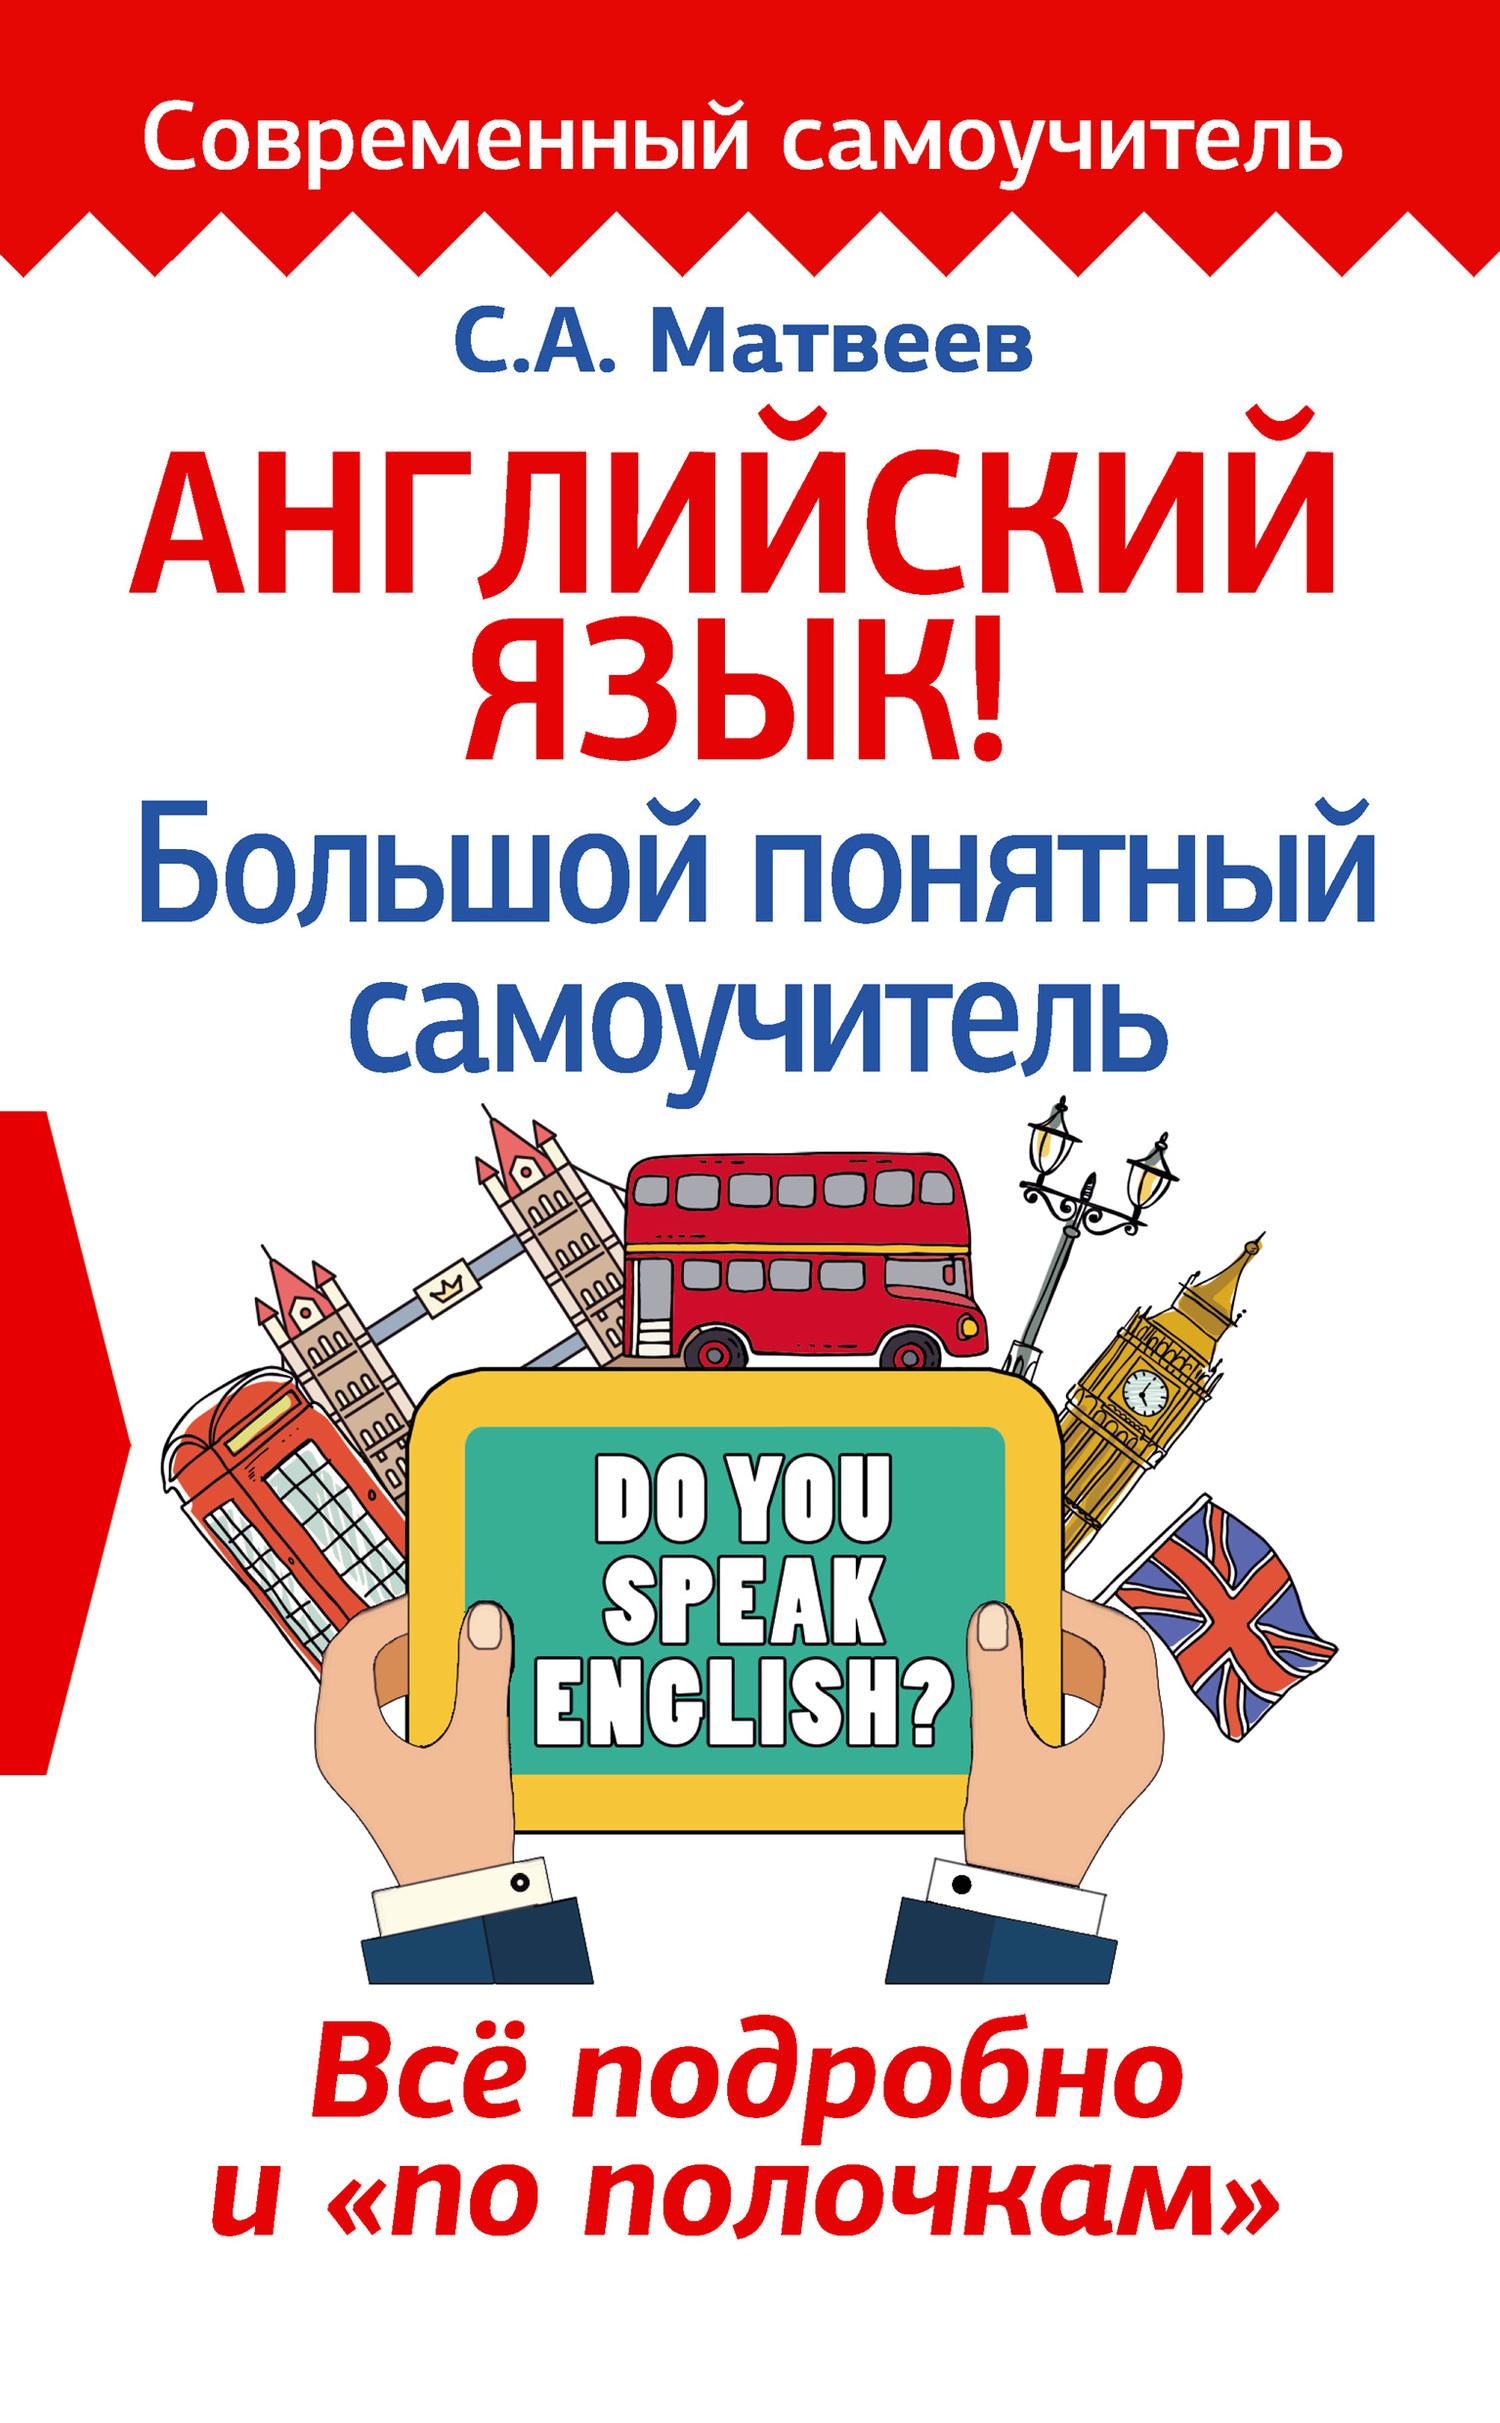 С. А. Матвеев Английский язык! Большой понятный самоучитель. Всё подробно и «по полочкам» матвеев с а английский язык для школьников